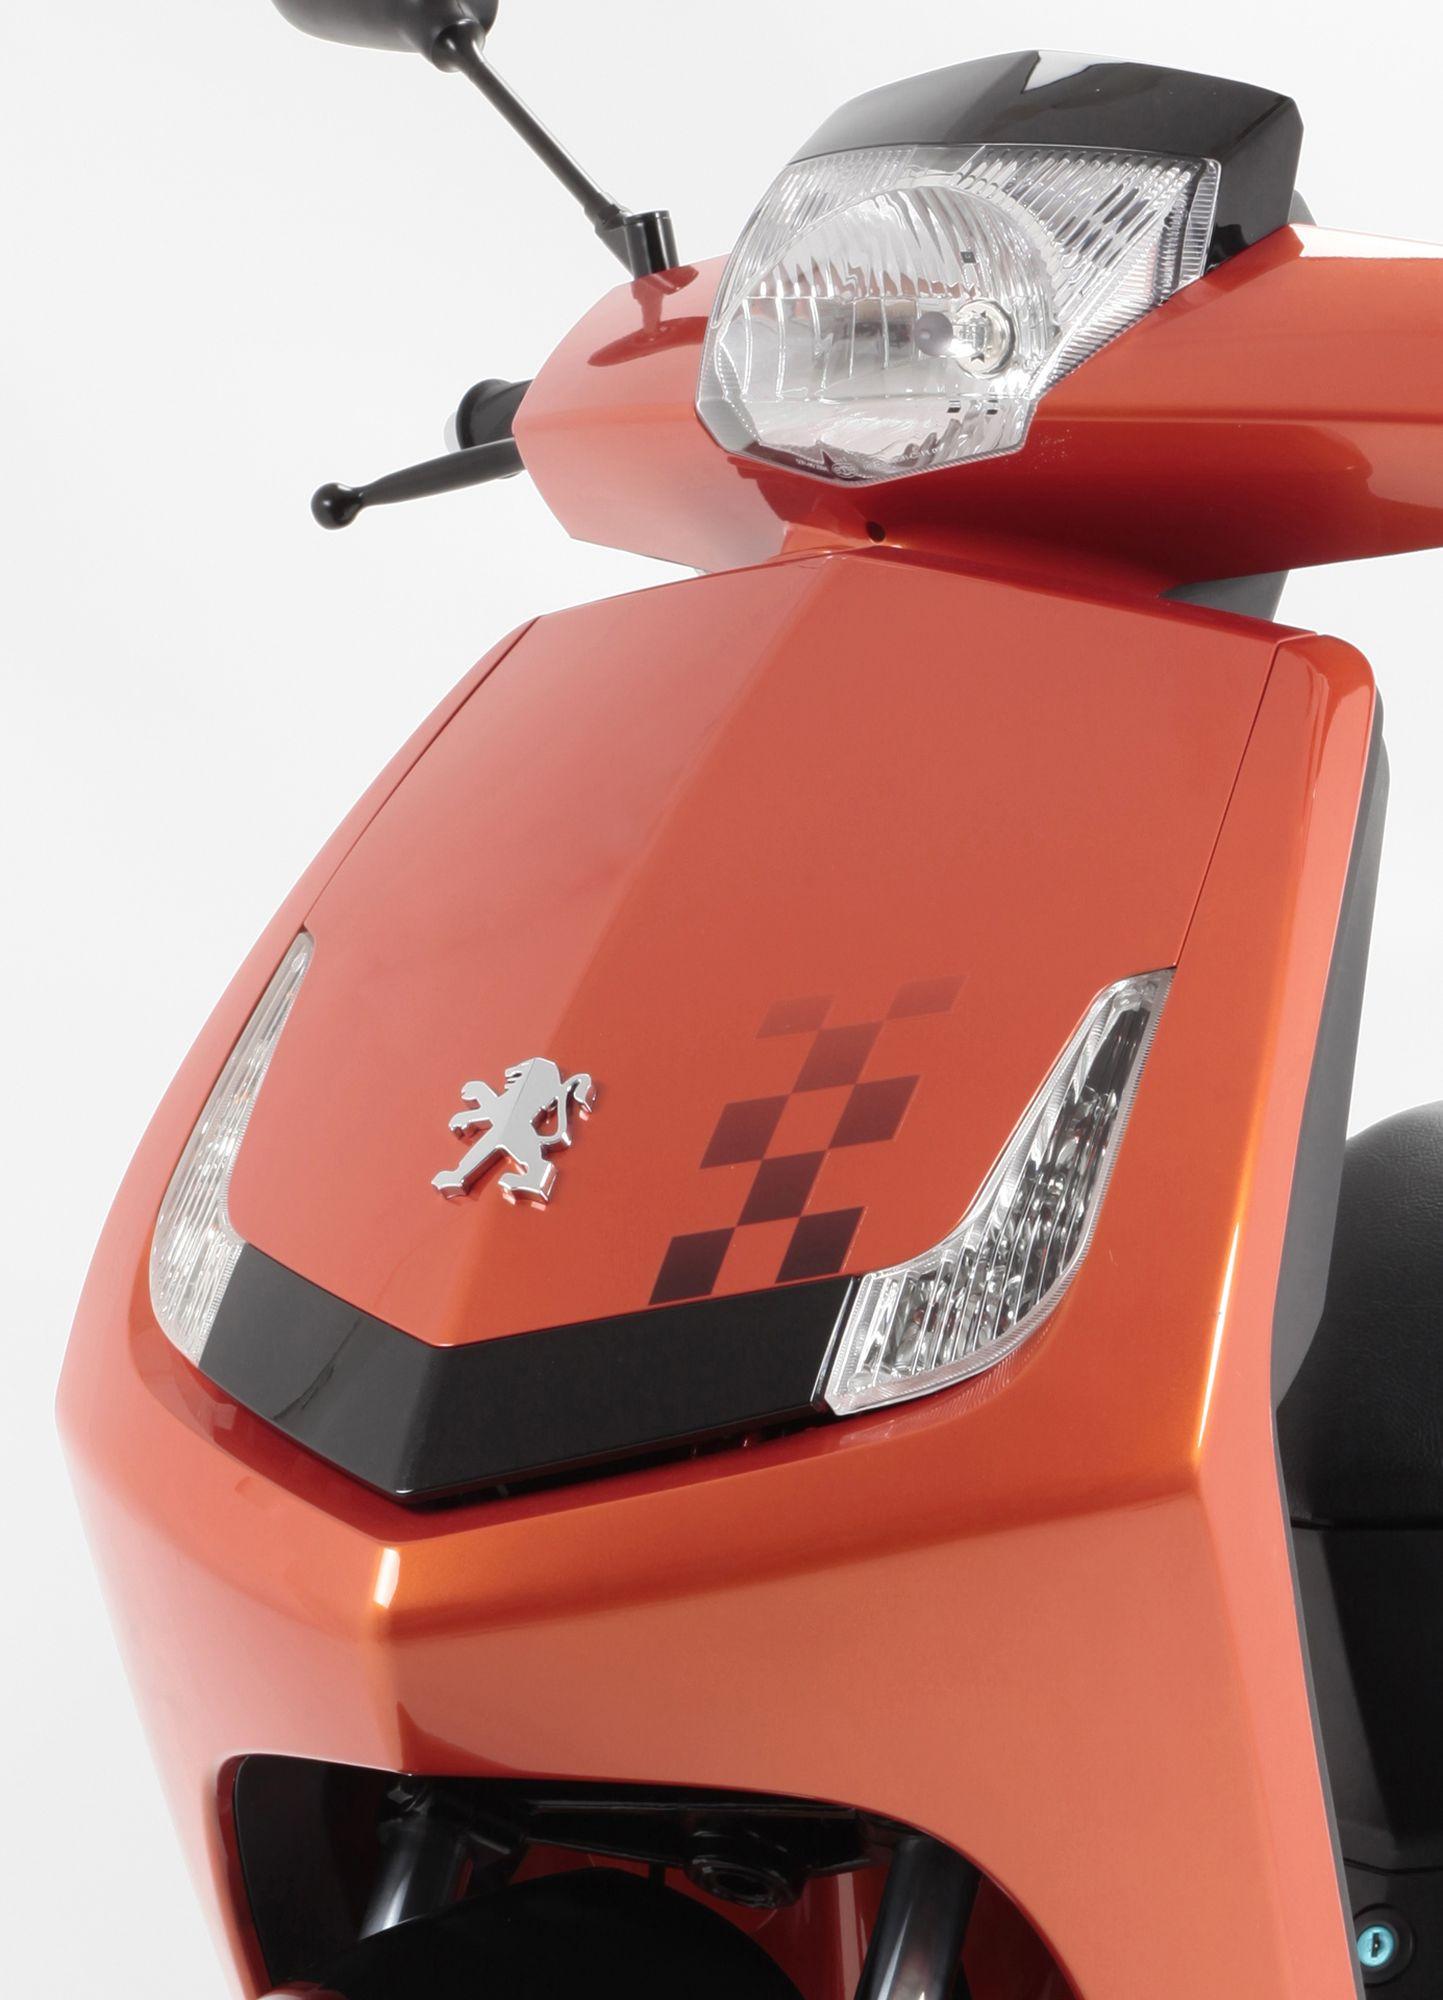 Gebrauchte und neue Peugeot Vivacity 125cc Motorräder kaufen